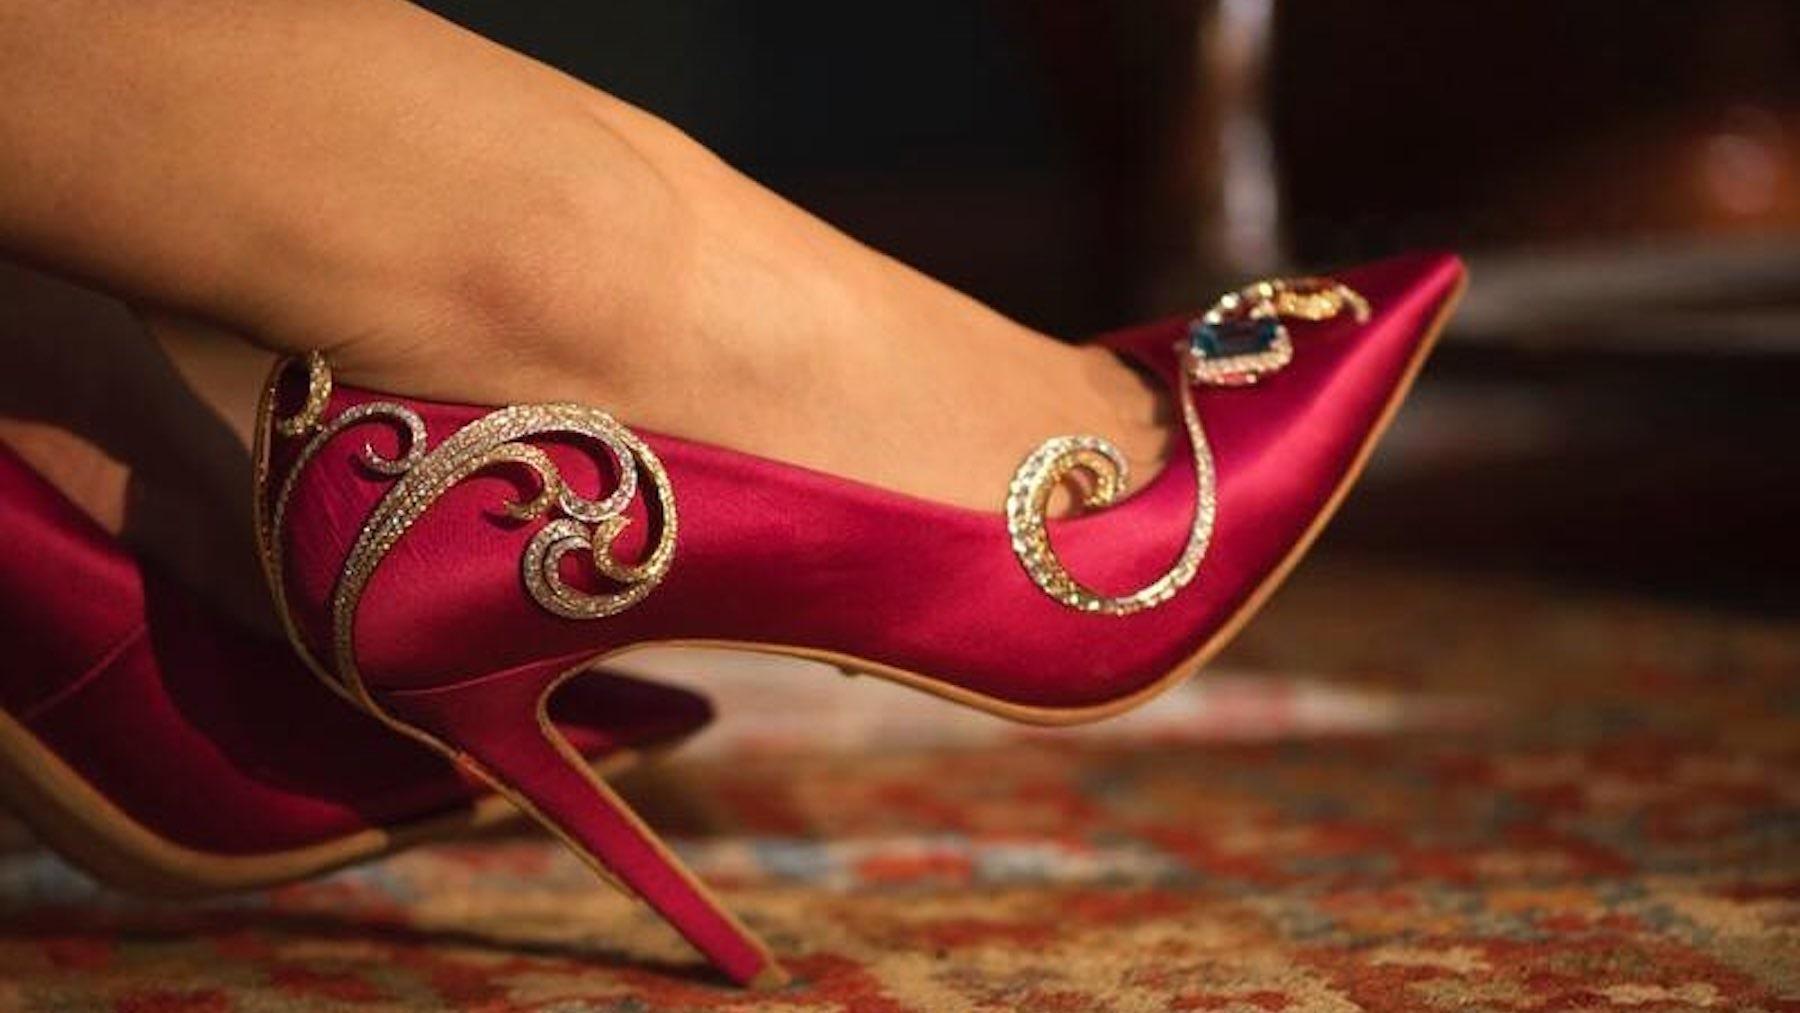 Article cover of Jimmy Choo's Gènavant Sells $4.3 Million Diamond-Encrusted High Heels in Shanghai